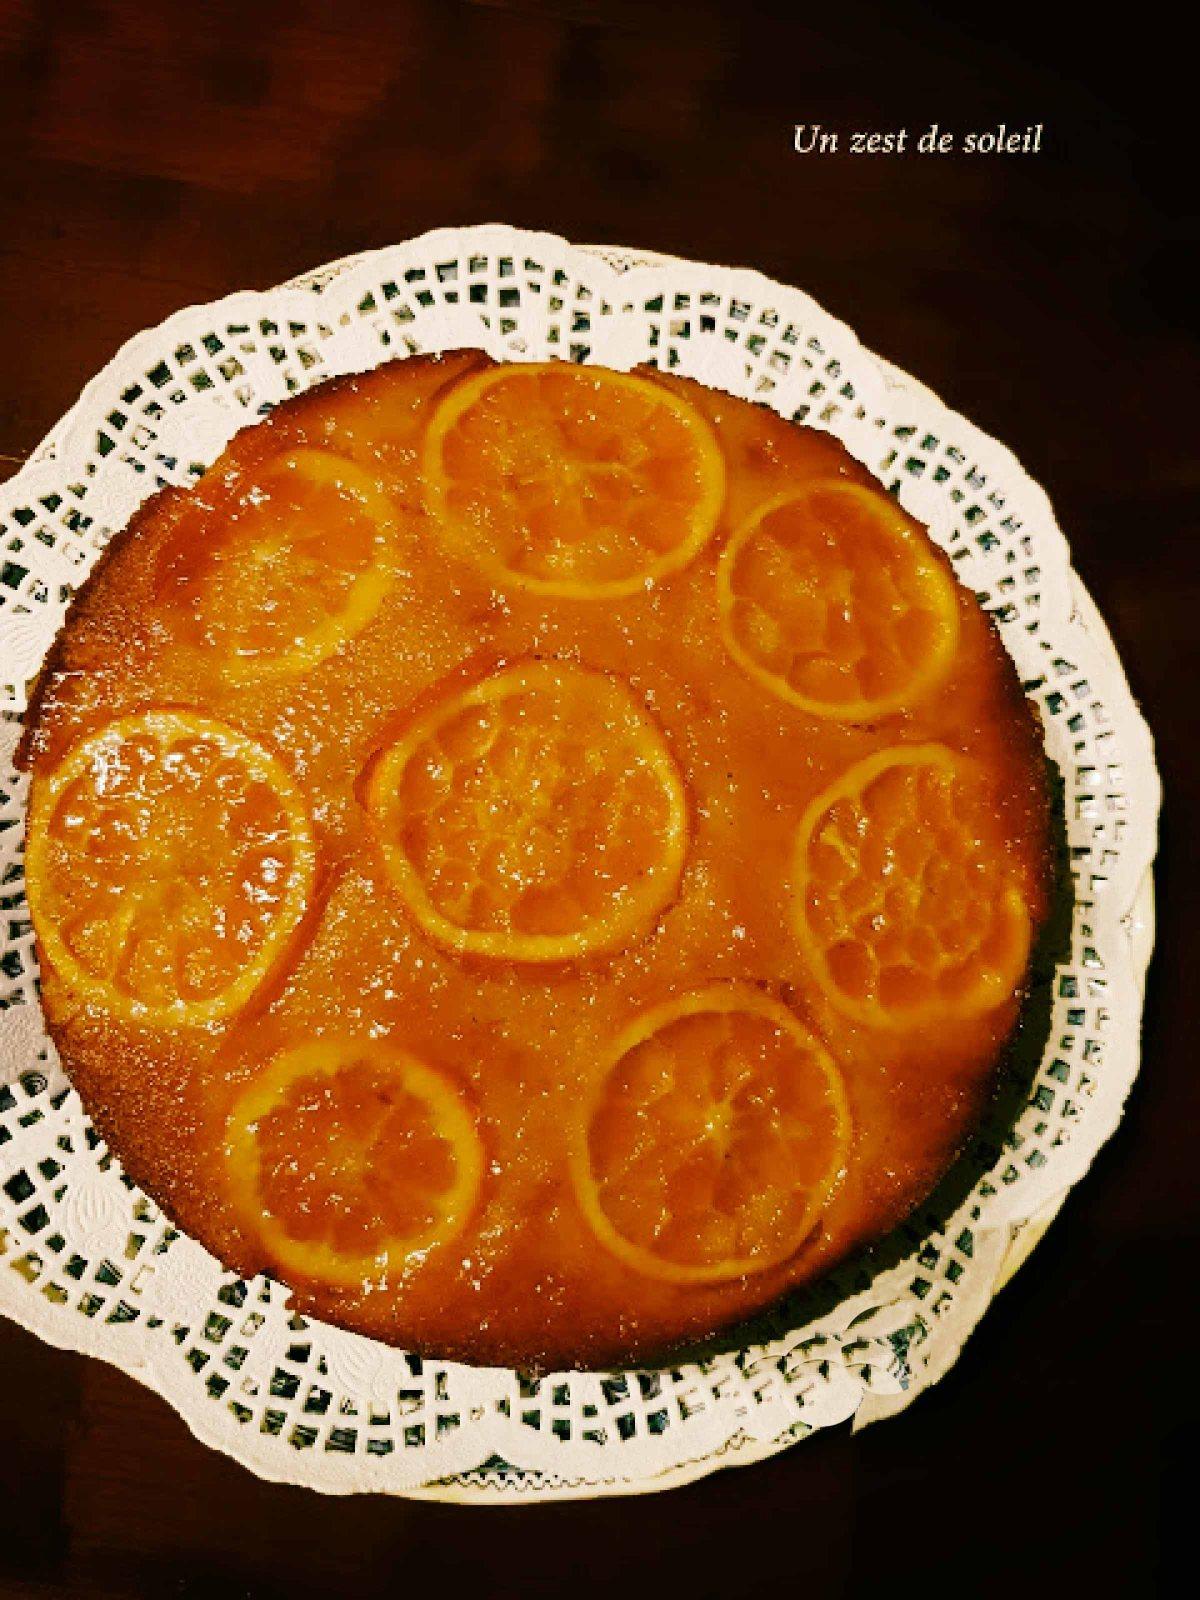 Gâteau renversé àl'orange